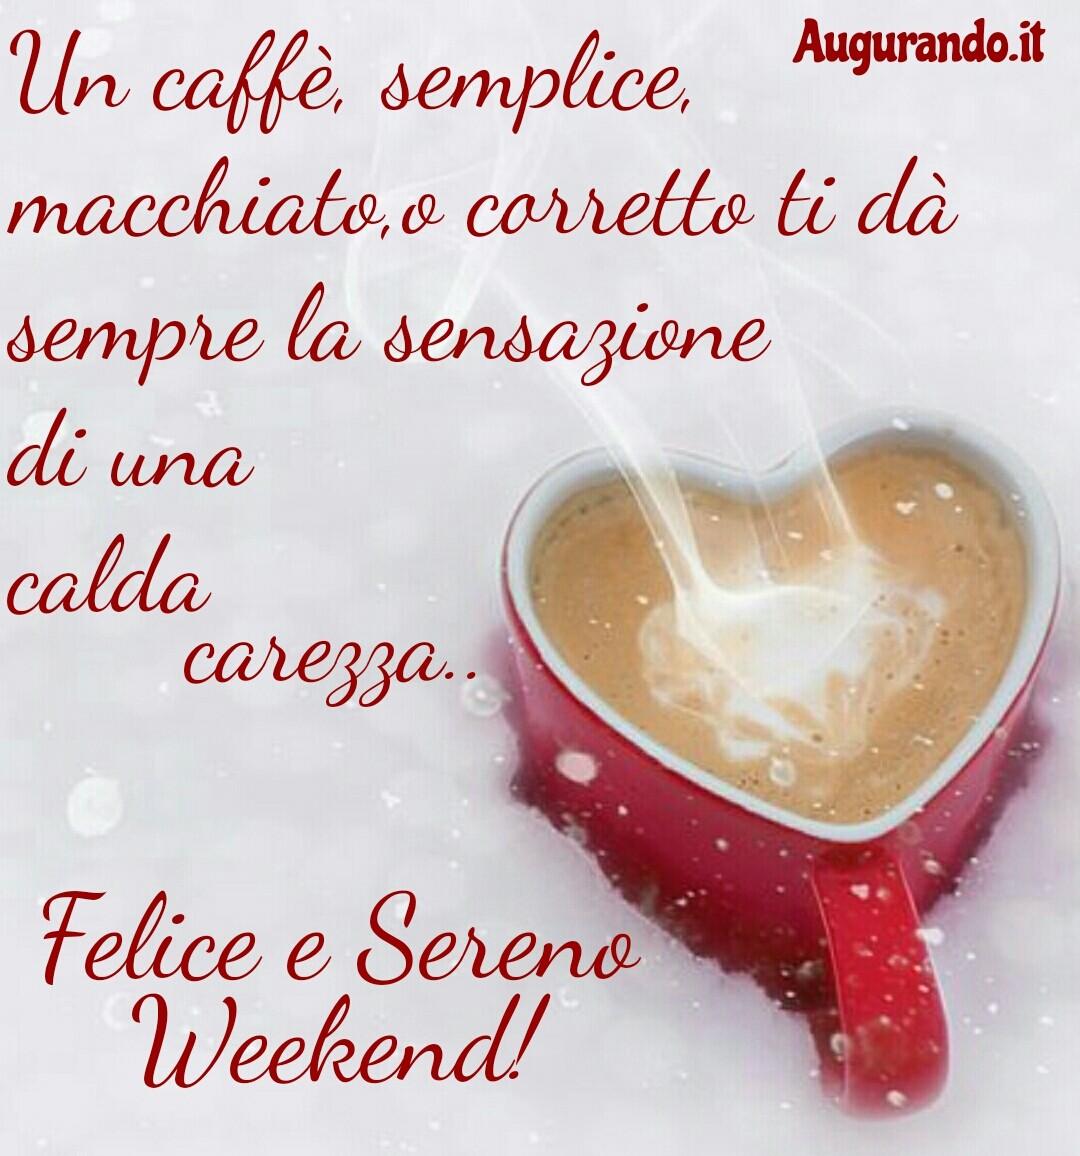 Buon weekend, immagini weekend, felice weekend, felice fine settimana, fine settimana, buon sabato, buon venerdì, sereno weekend, buon fine settimana a tutti